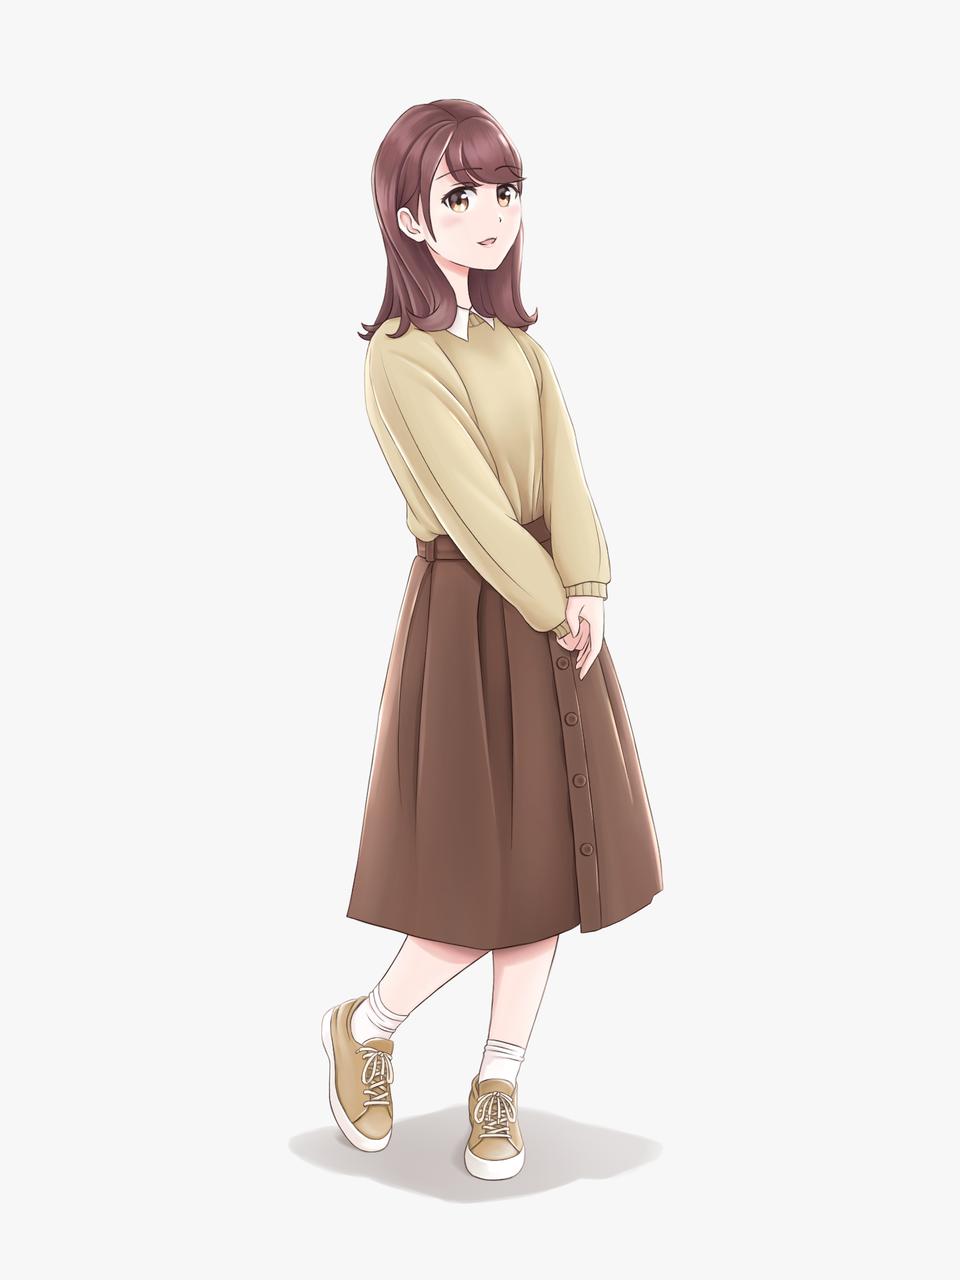 My Ideal Waifu Illust of Yukka MyIdealWaifu_MyIdealHusbandoContest MyIdealWaifu anime girl contest manga character drawing waifu kawaii cute